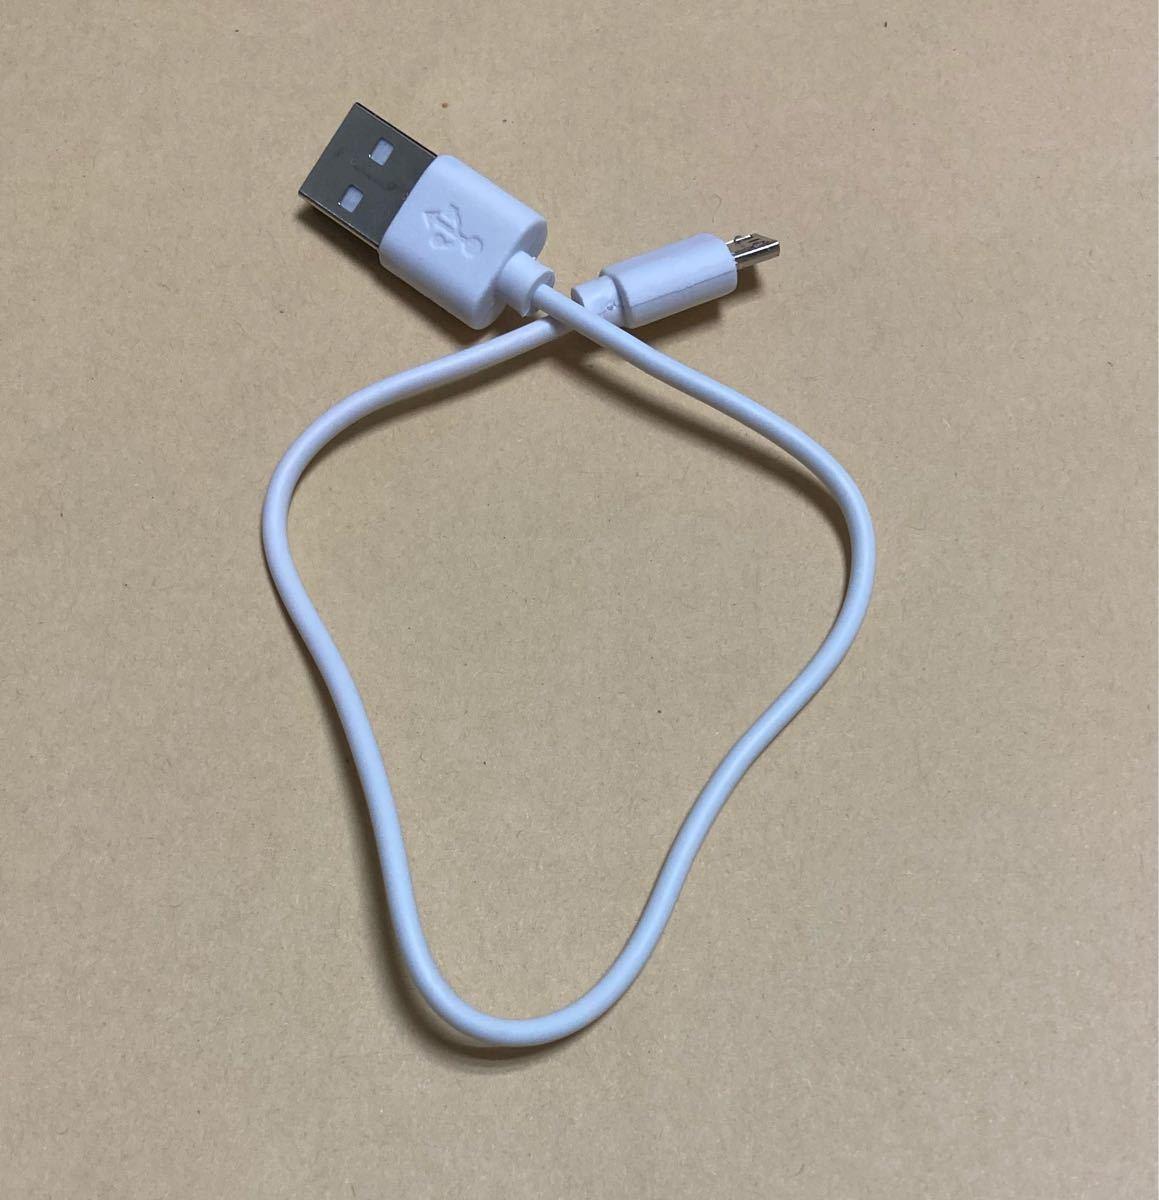 Bluetoothイヤホン&イヤホンジャックセット